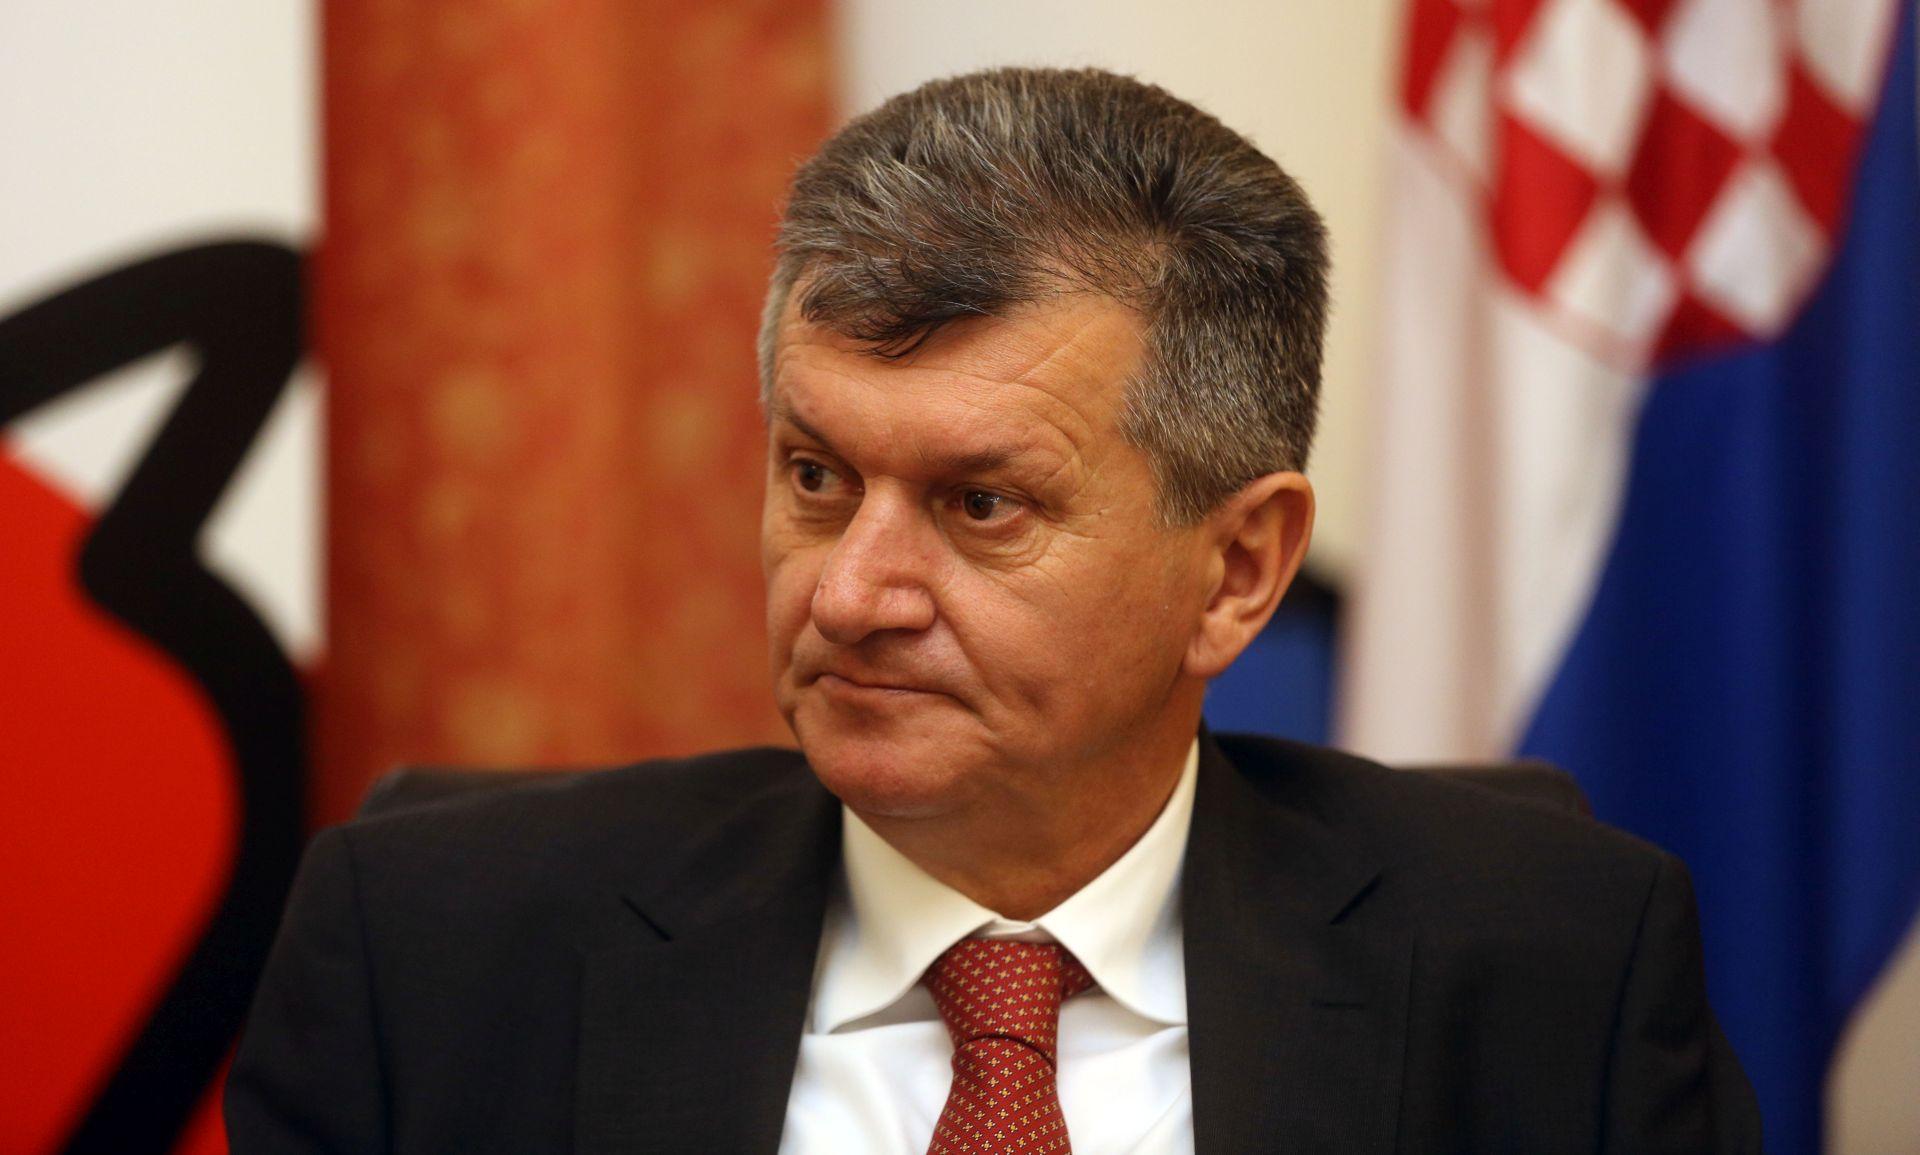 MINISTAR KUJUNDŽIĆ: Liječnike zadržati u Hrvatskoj lakšim razvojem karijere